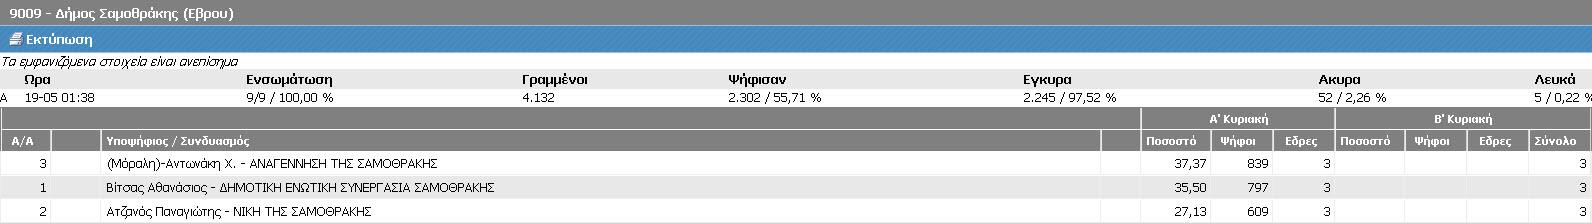 Δήμος Σαμοθράκης (Τελικά ΥΠΕΣ, Α' Κυριακή 18/5/2014 - αποτελέσματα 19/5/2014 01:38)